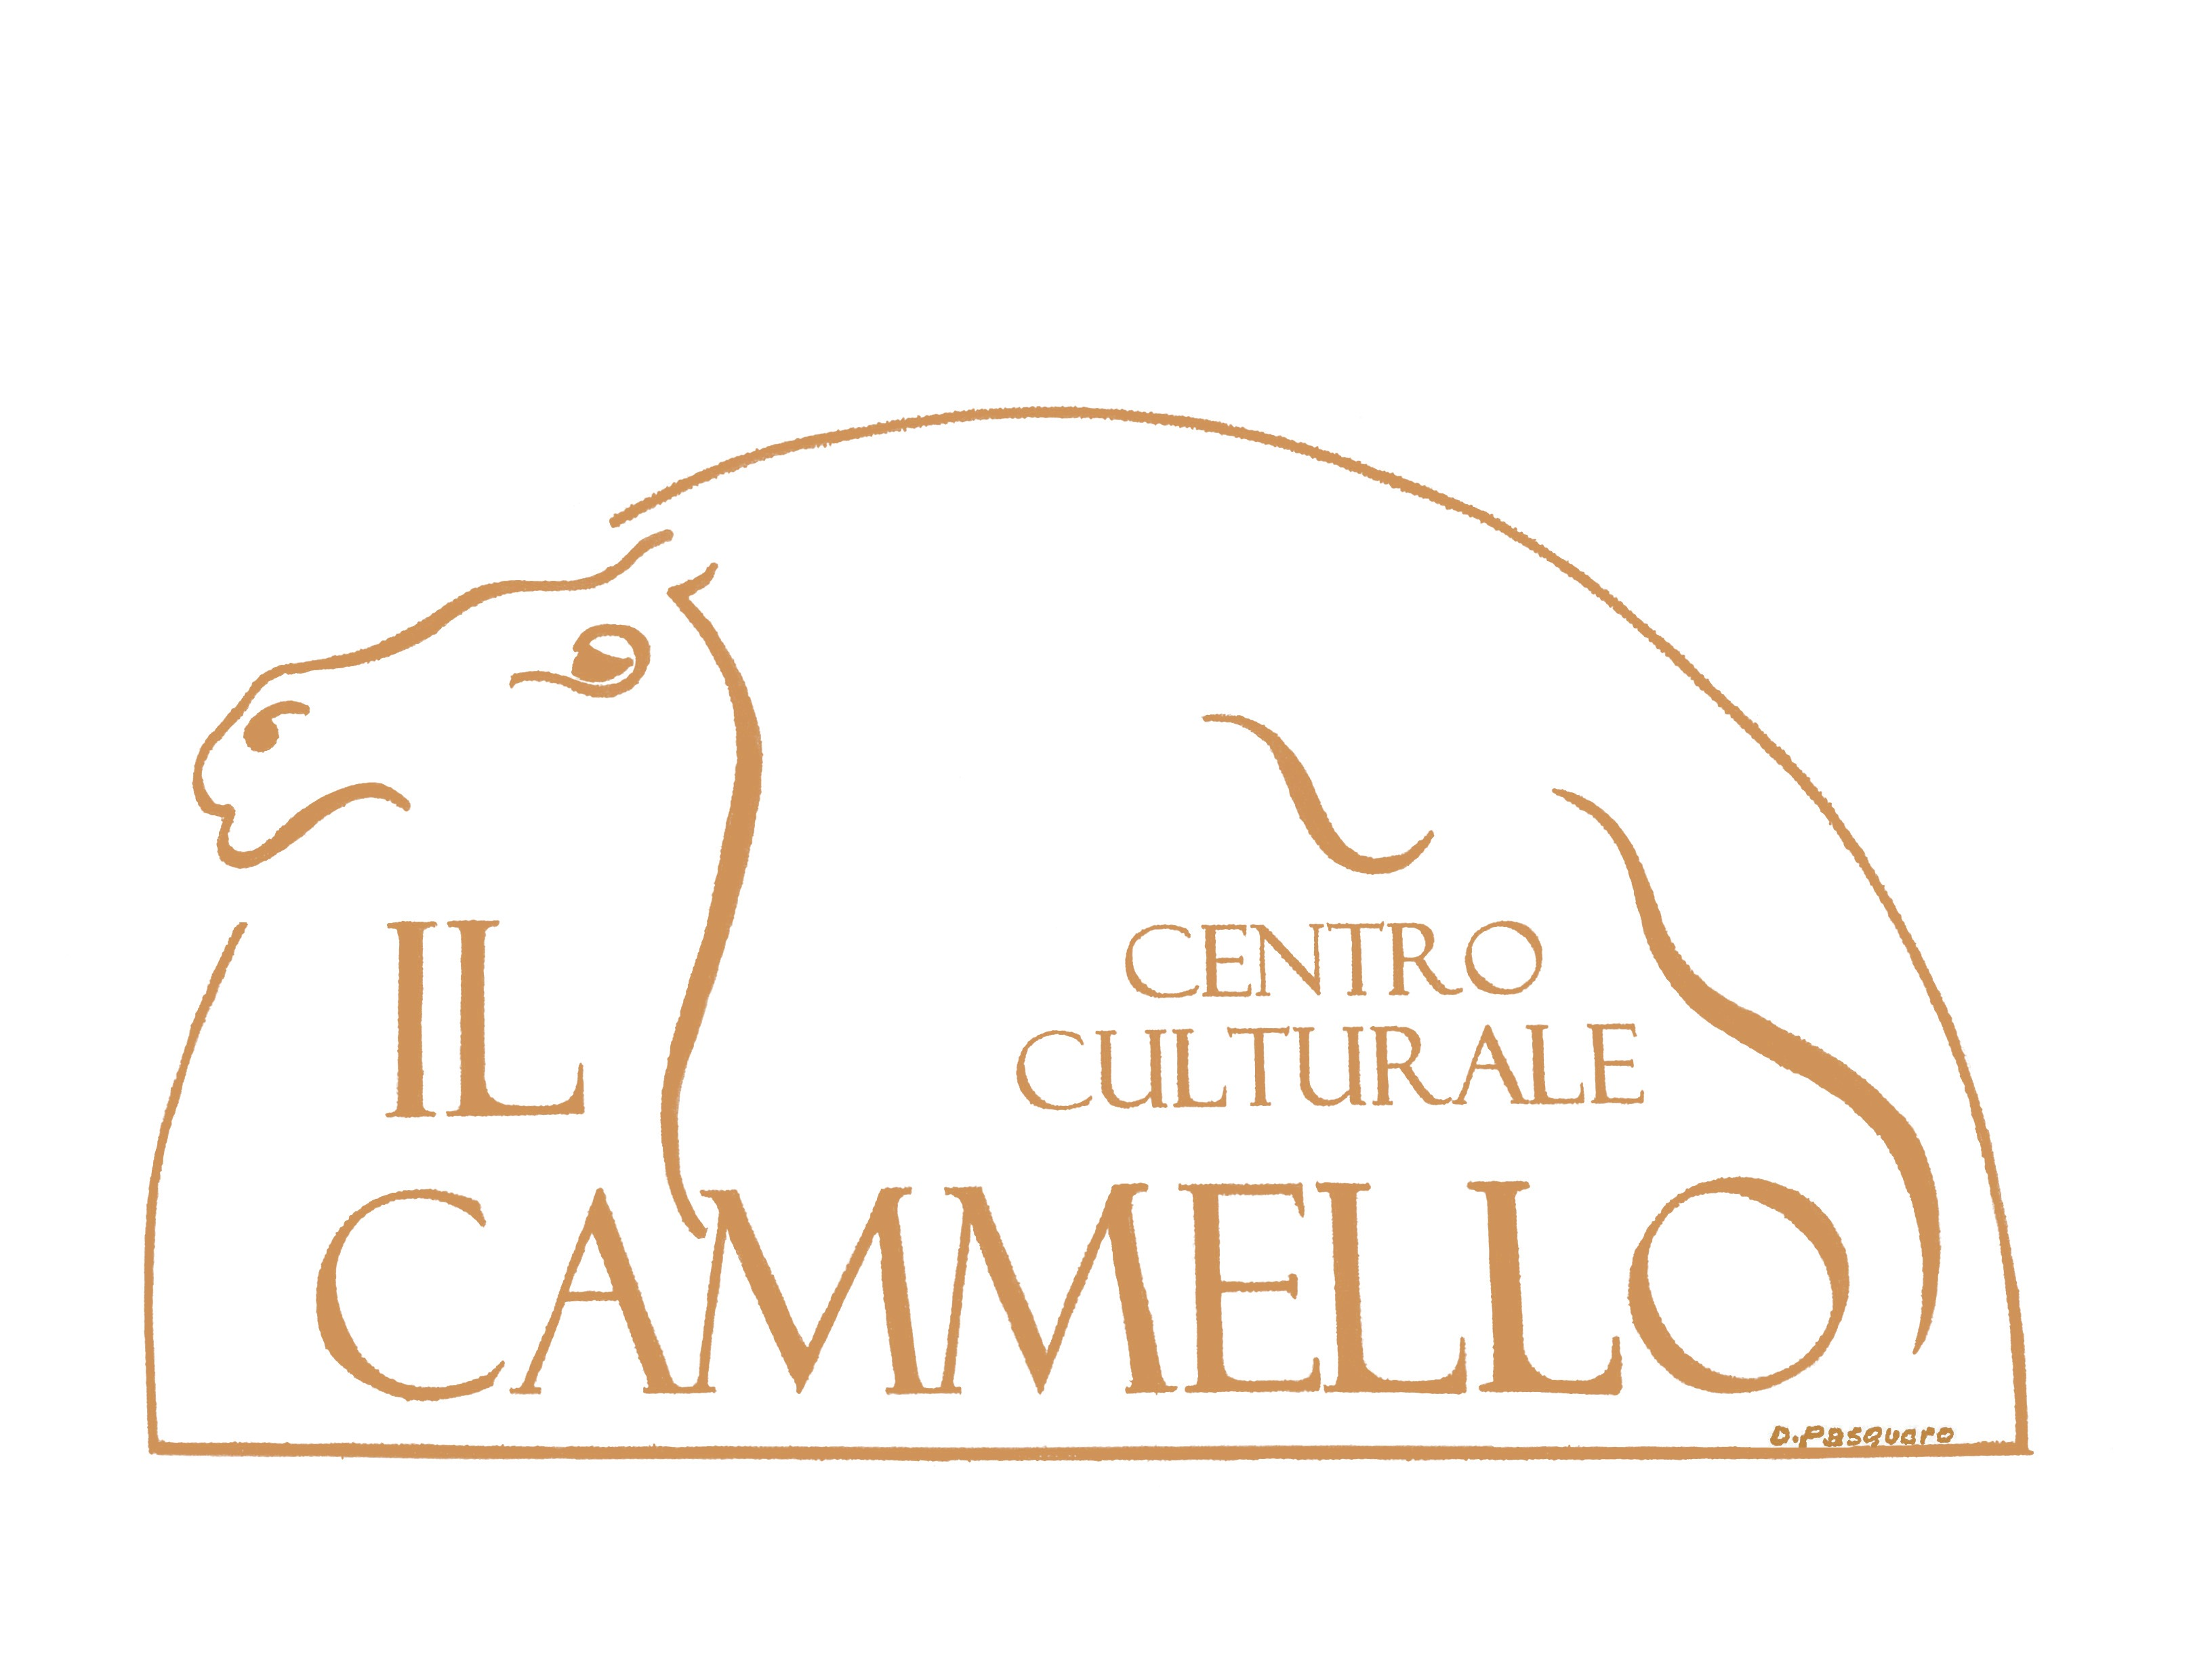 Sabato 5 aprile, ore 17.00 Pinacoteca Comunale del Roero: inaugurazione mostra del pittore Antonio Testa